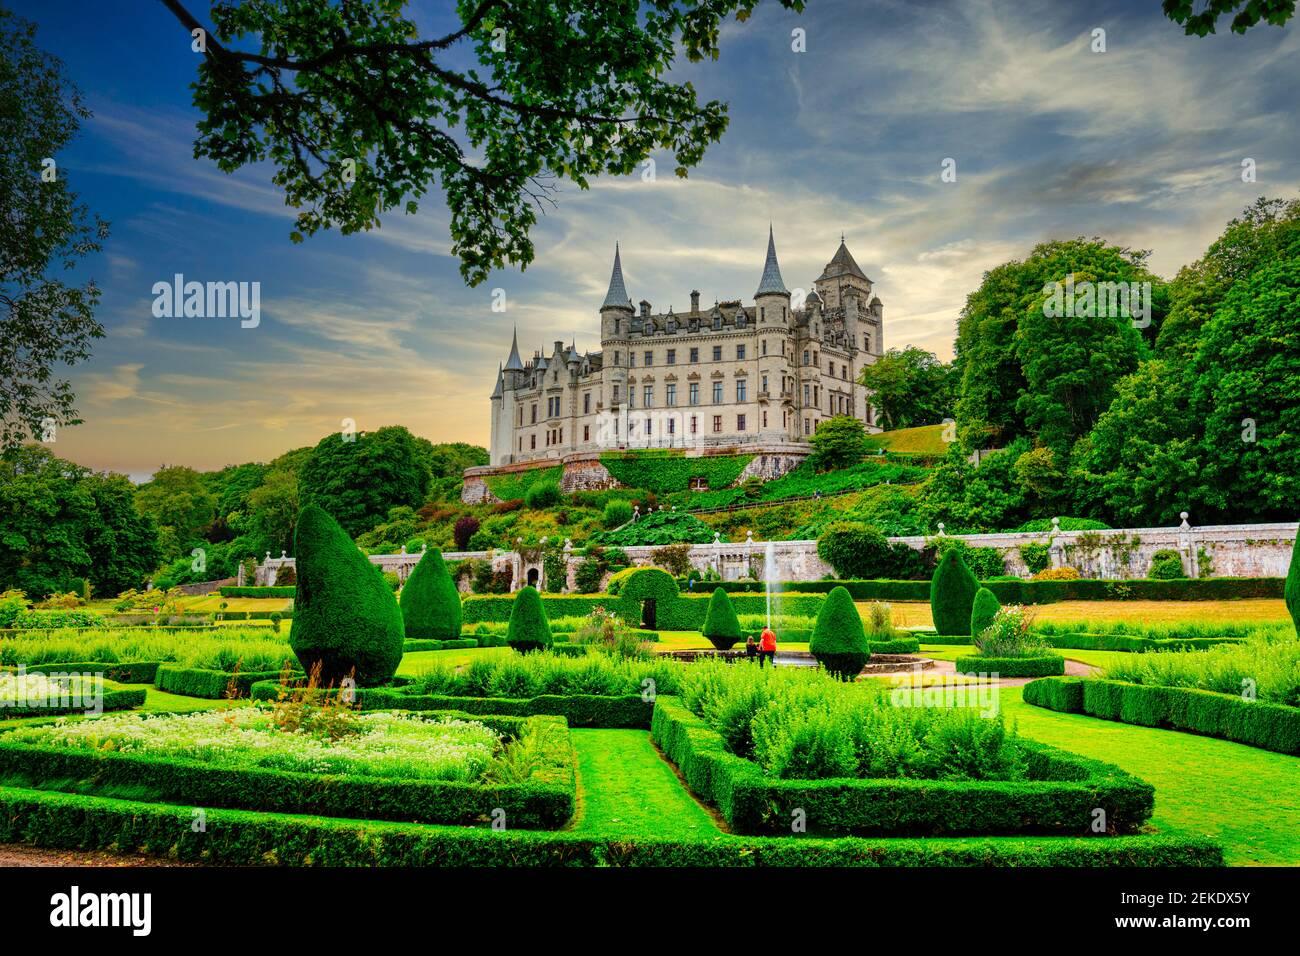 Dunrobin Castle. Familiensitz des Earl of Sutherland mit 189 Zimmern ist das größte große Haus in den nördlichen Highlands, Golspie, Schottland Stockfoto